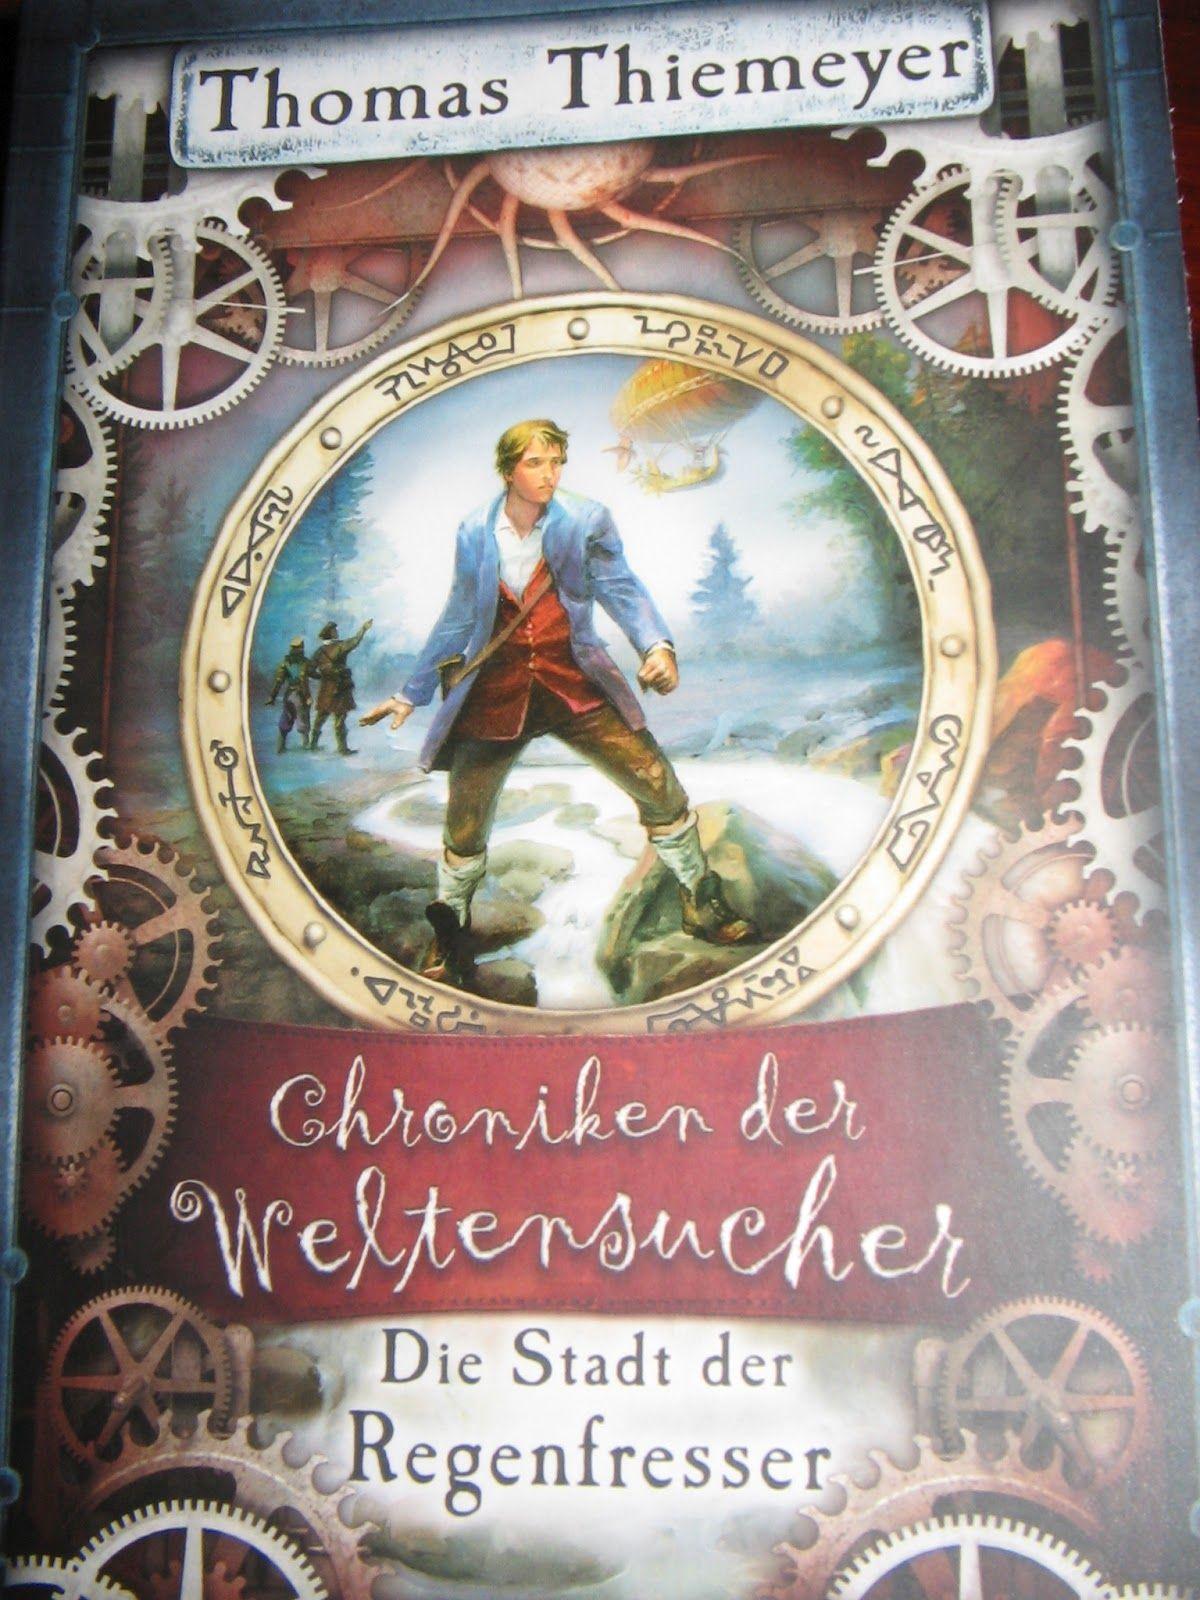 Meine Leidenschaft: Lesen: Rezension: Thomas Thiemeyer - Die Chroniken der Weltensucher (1) Die Stadt der Regenfresser